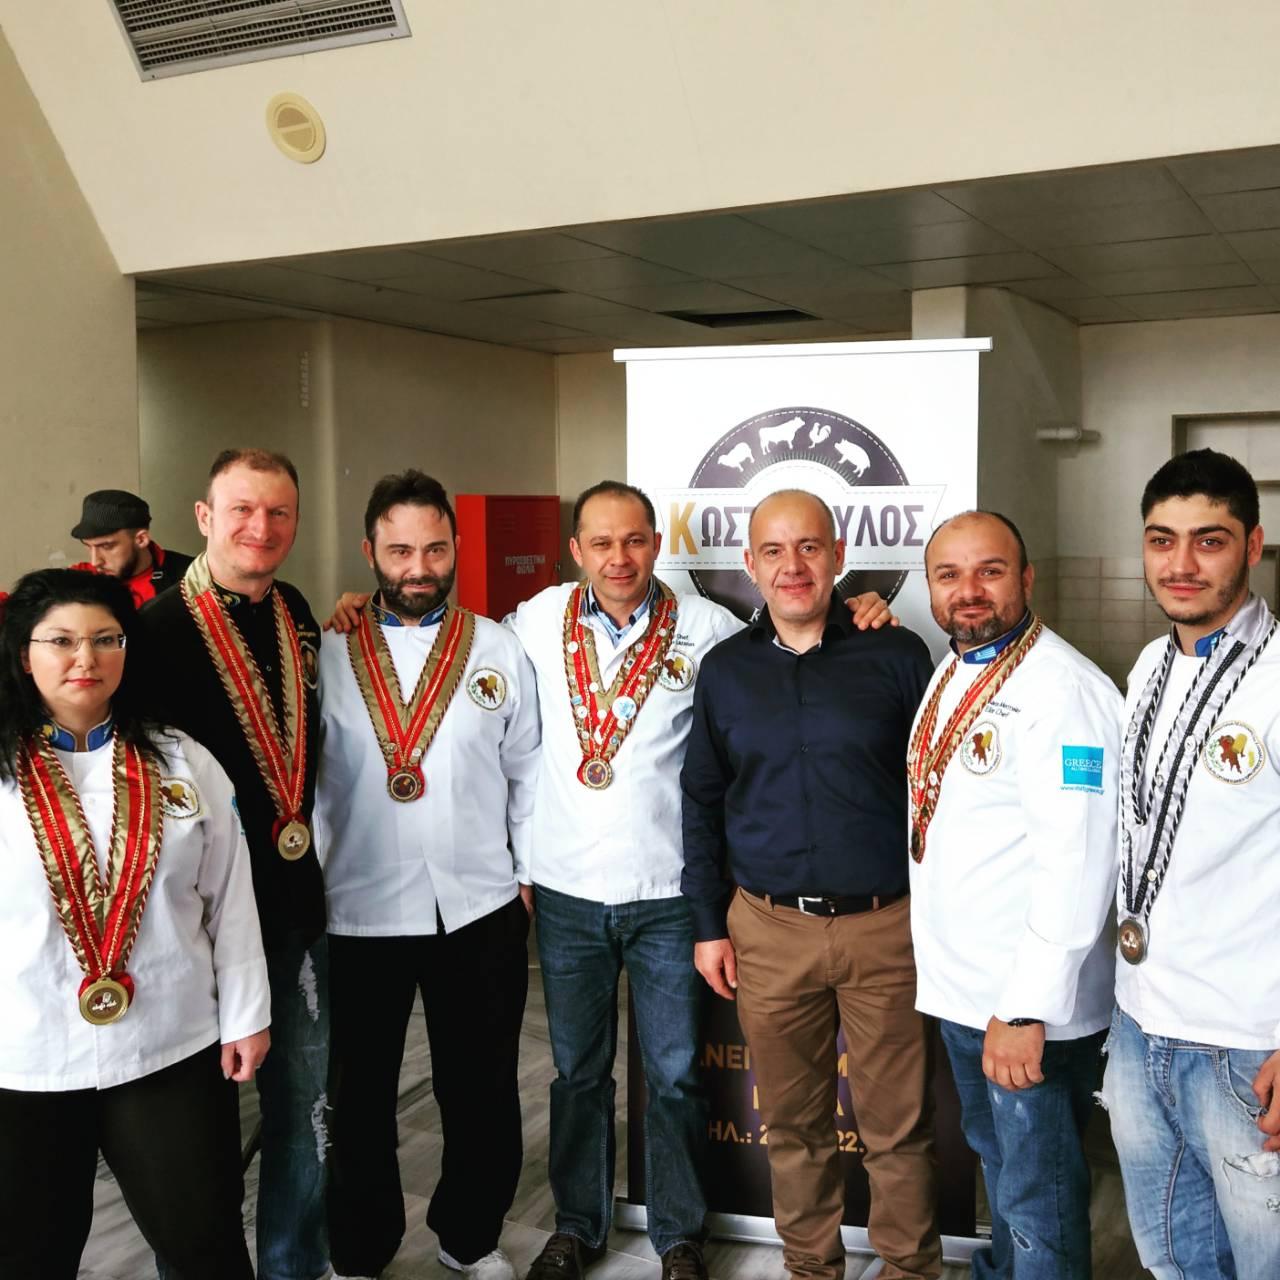 Σε διαγωνισμό μαγειρικής οι master chef της Δυτικής Ελλάδας